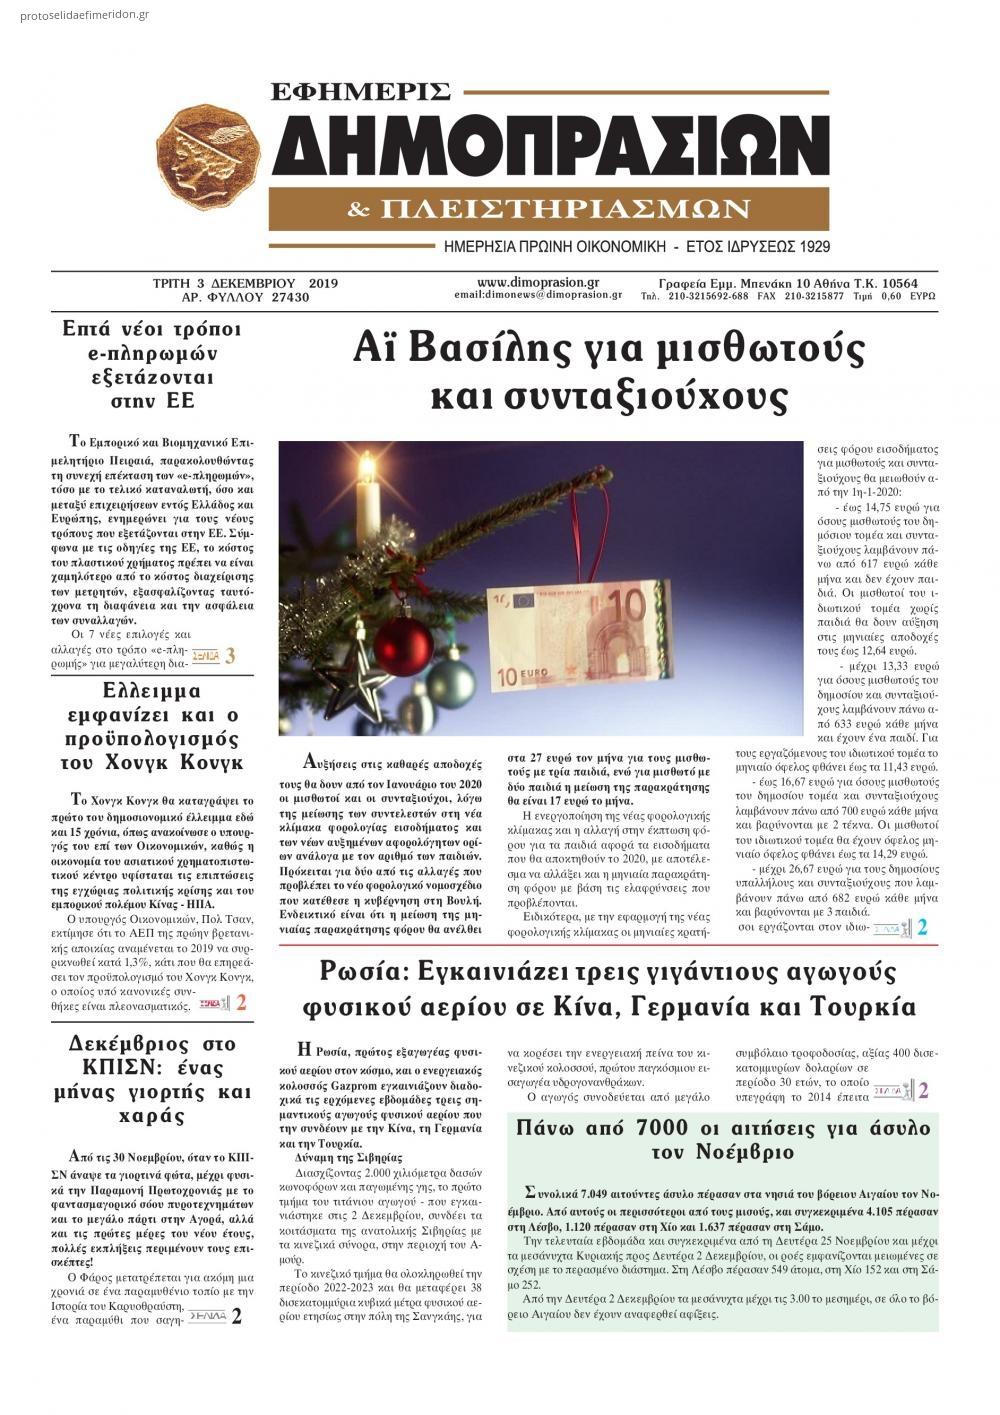 Πρωτοσέλιδο εφημερίδας Δημοπρασιών